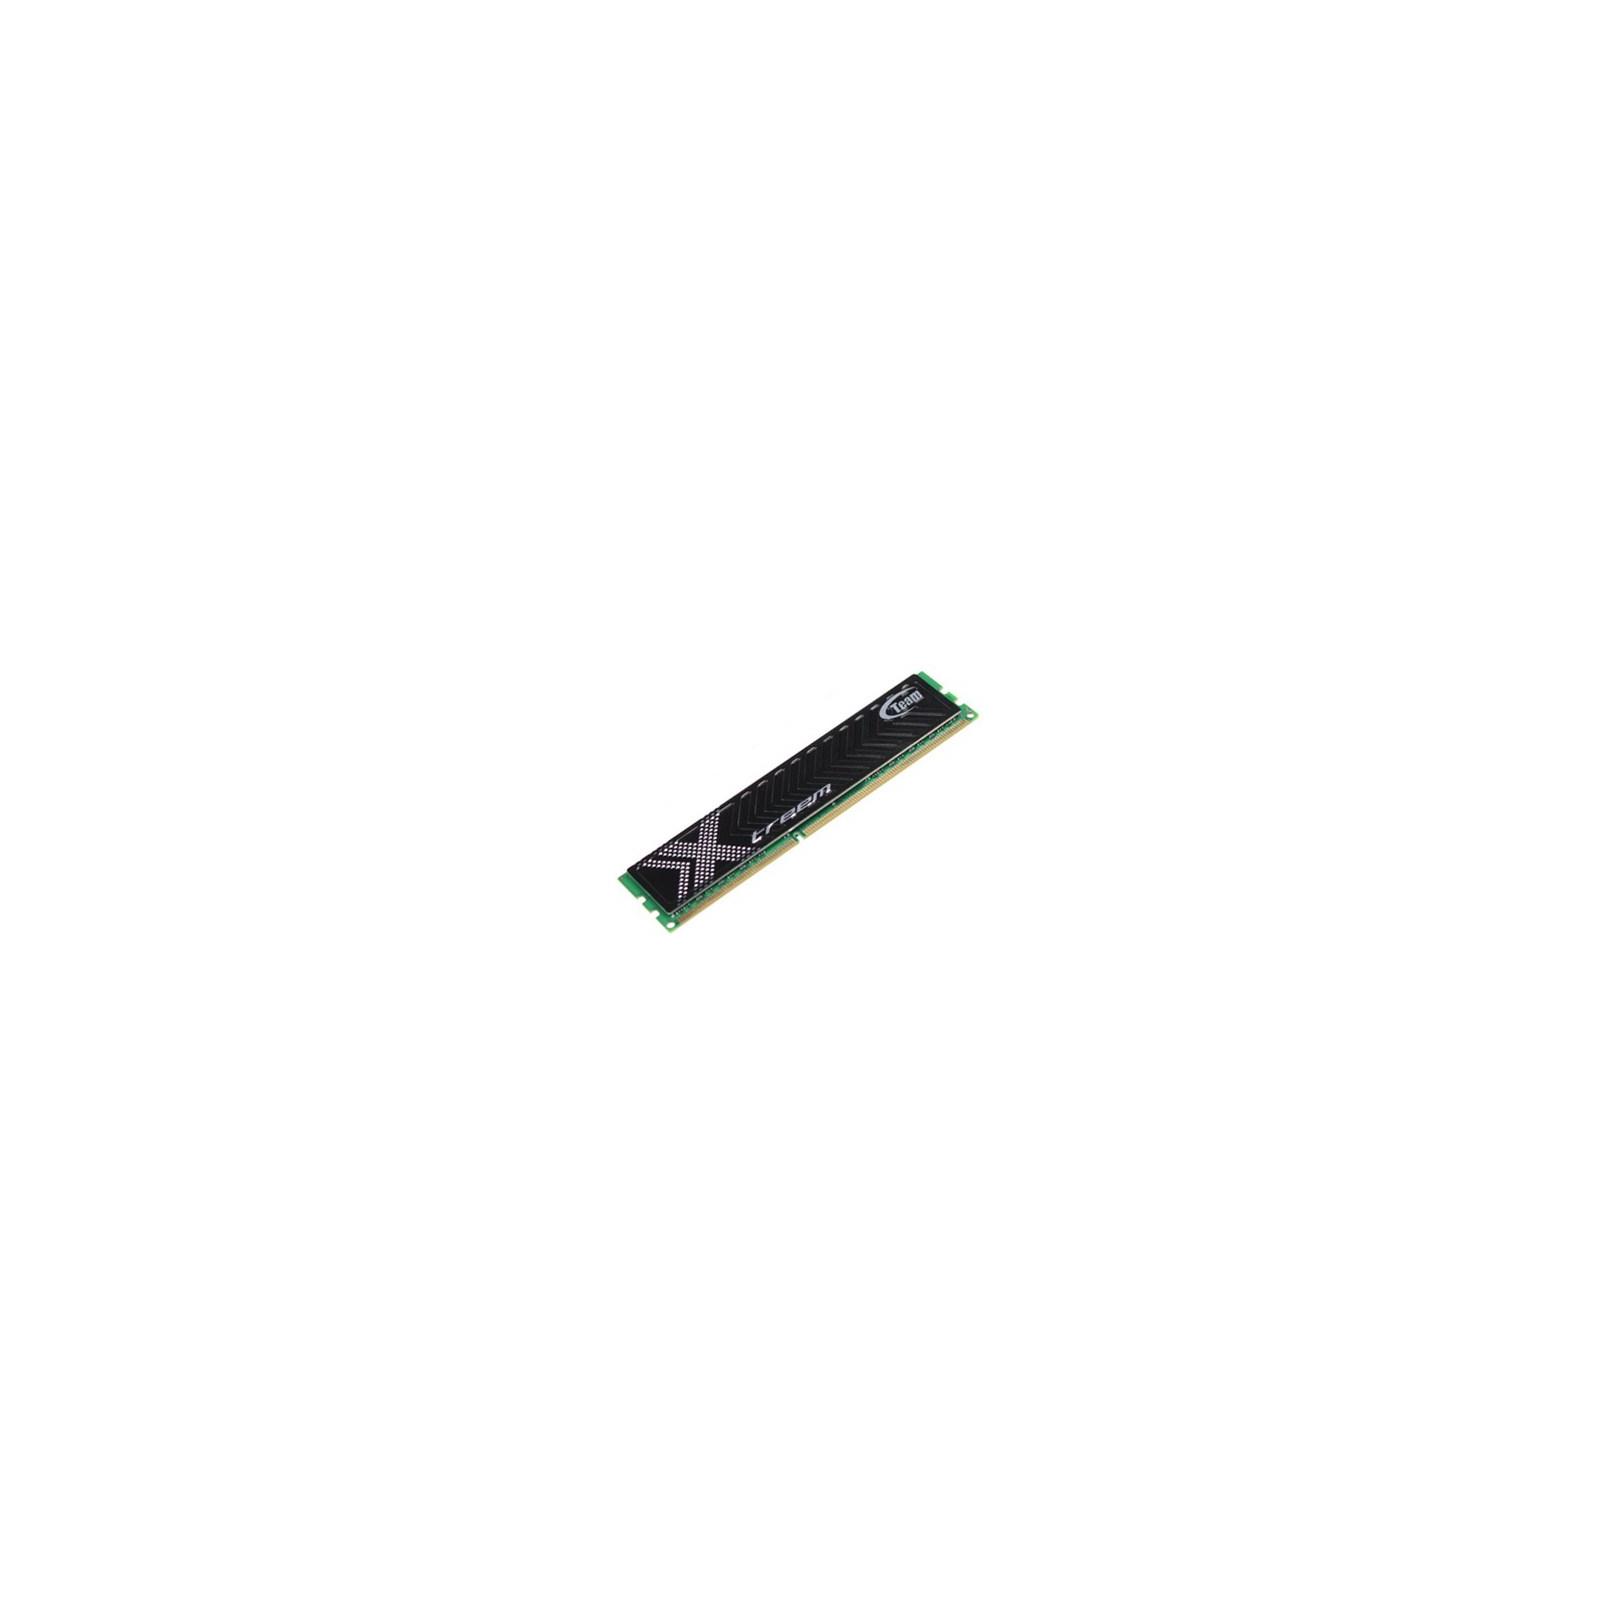 Модуль памяти для компьютера DDR3 4GB 1333 MHz Team (TED34096M1333HC9)